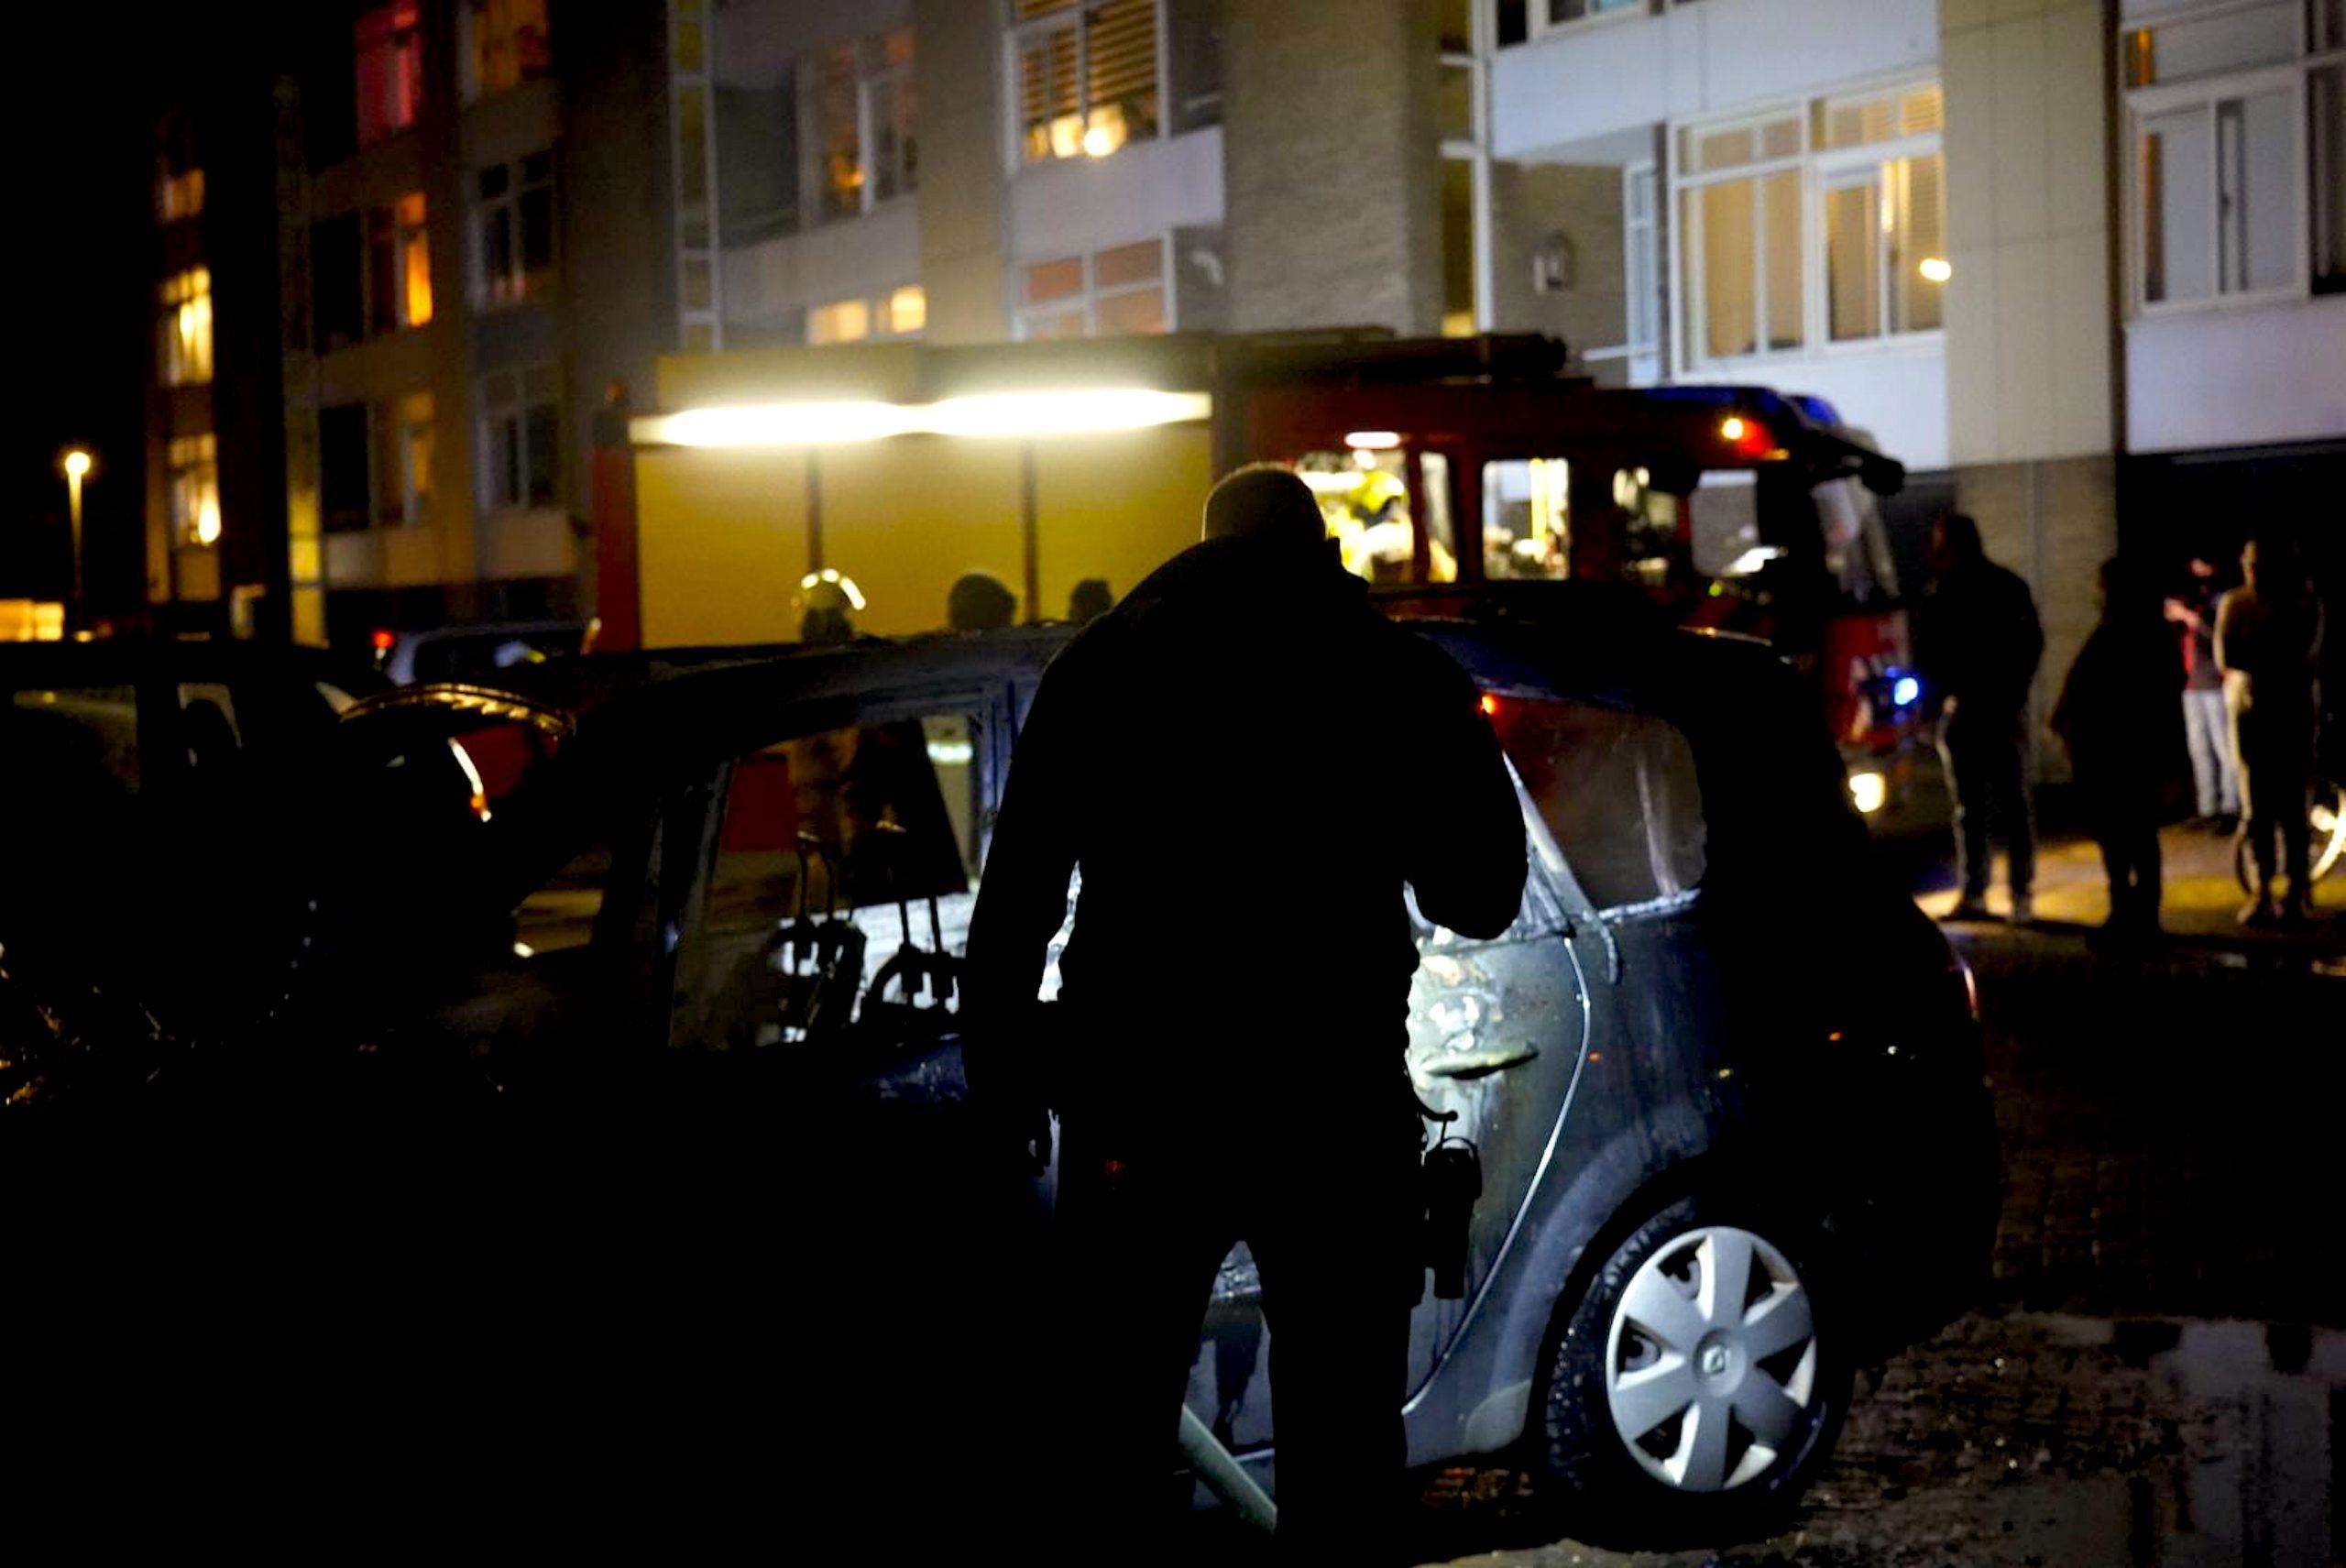 Voertuig stond in brand aan de Jan Clompstraat (foto GLOCALmedia)